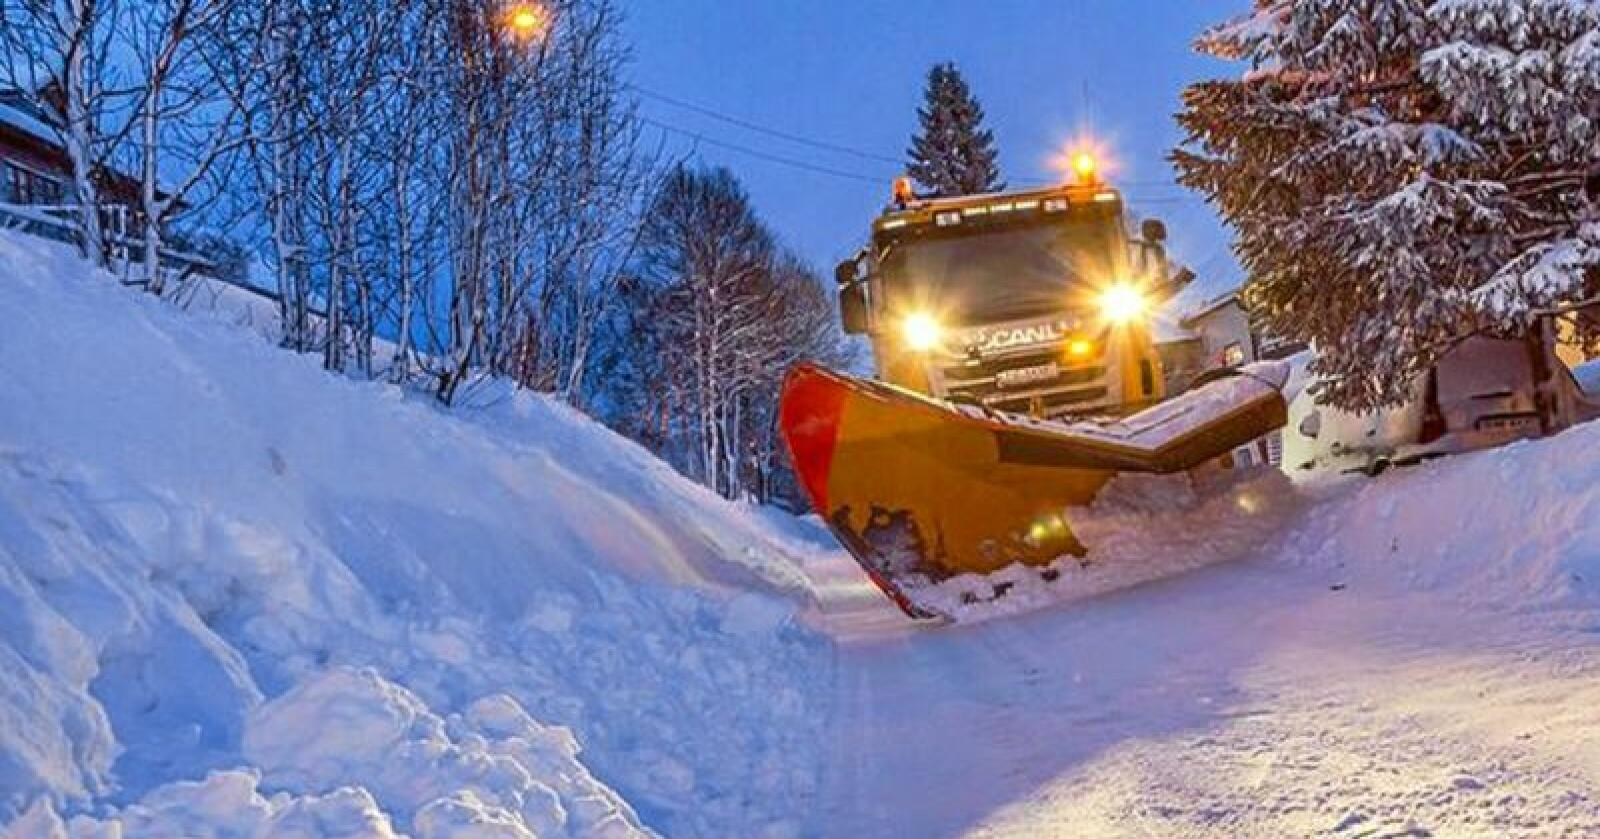 Rekord: Aldri før har det vært brøytet så mye på norske veier som forrige vinter. Foto: Privat